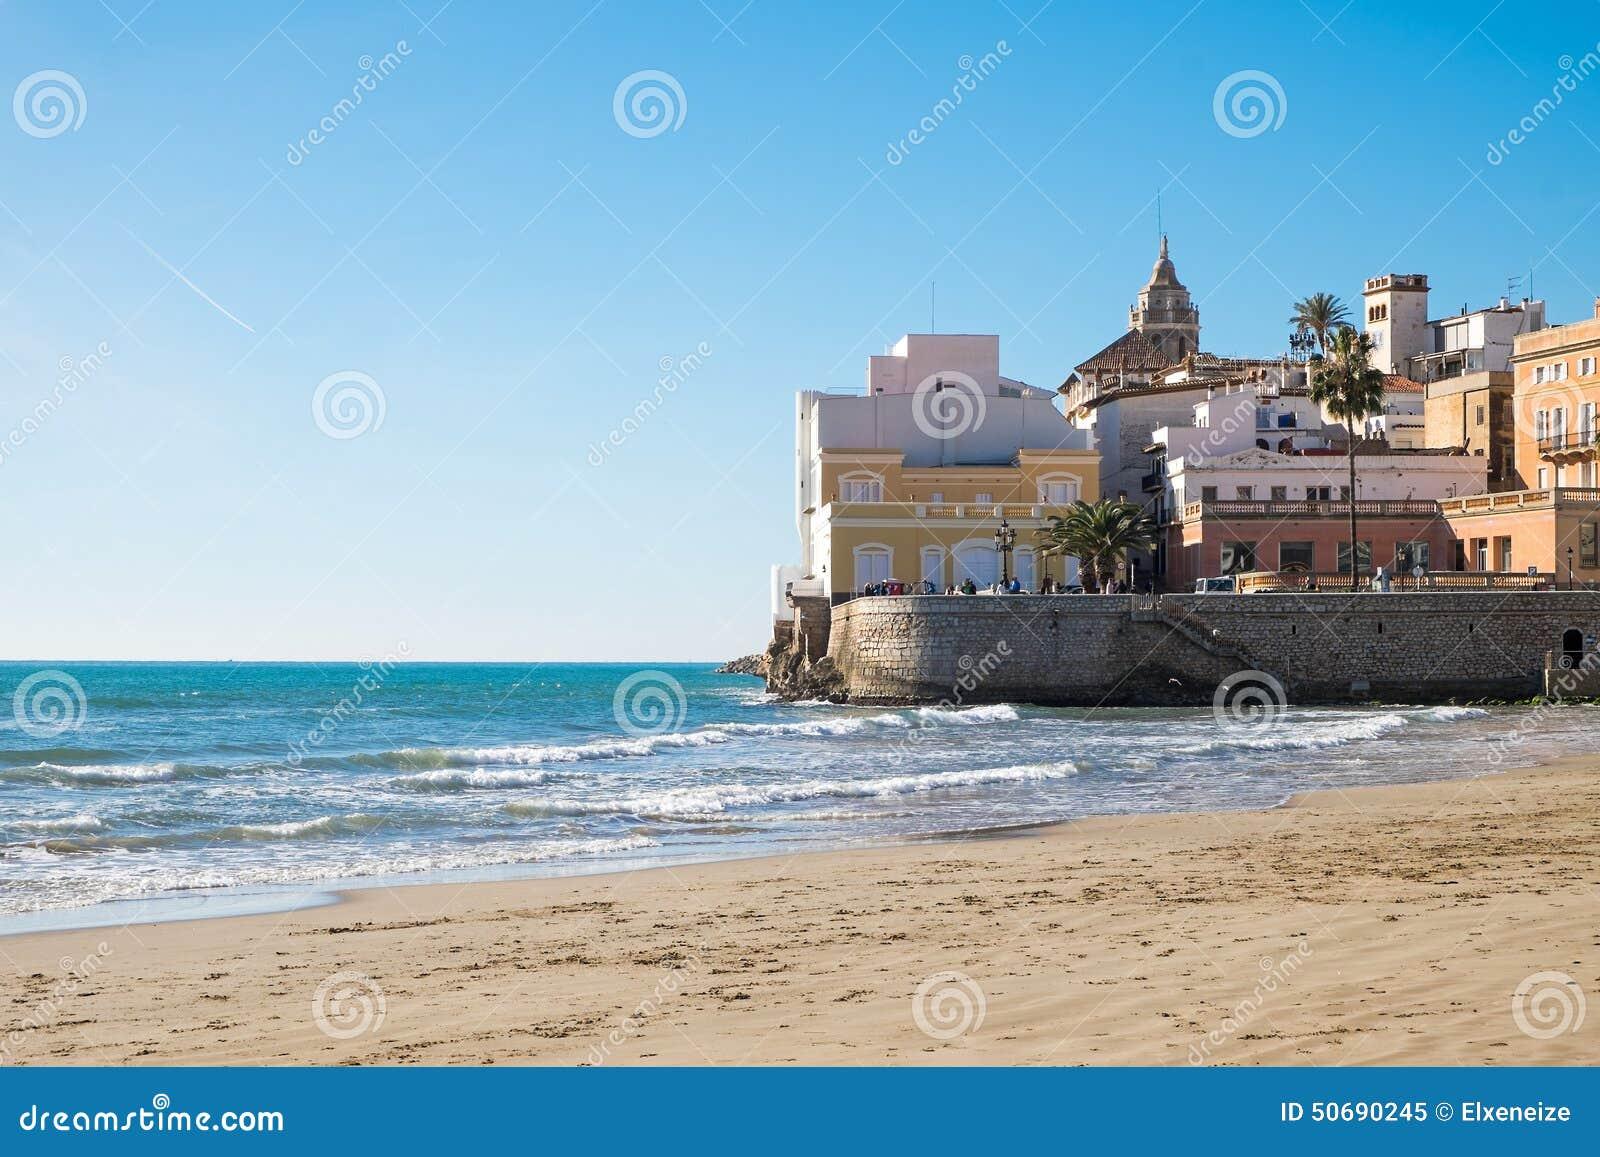 Download 海滩锡切斯在卡塔龙尼亚 库存图片. 图片 包括有 沙子, 美丽如画, 小珠靠岸的, 地中海, 放松, 堡垒 - 50690245